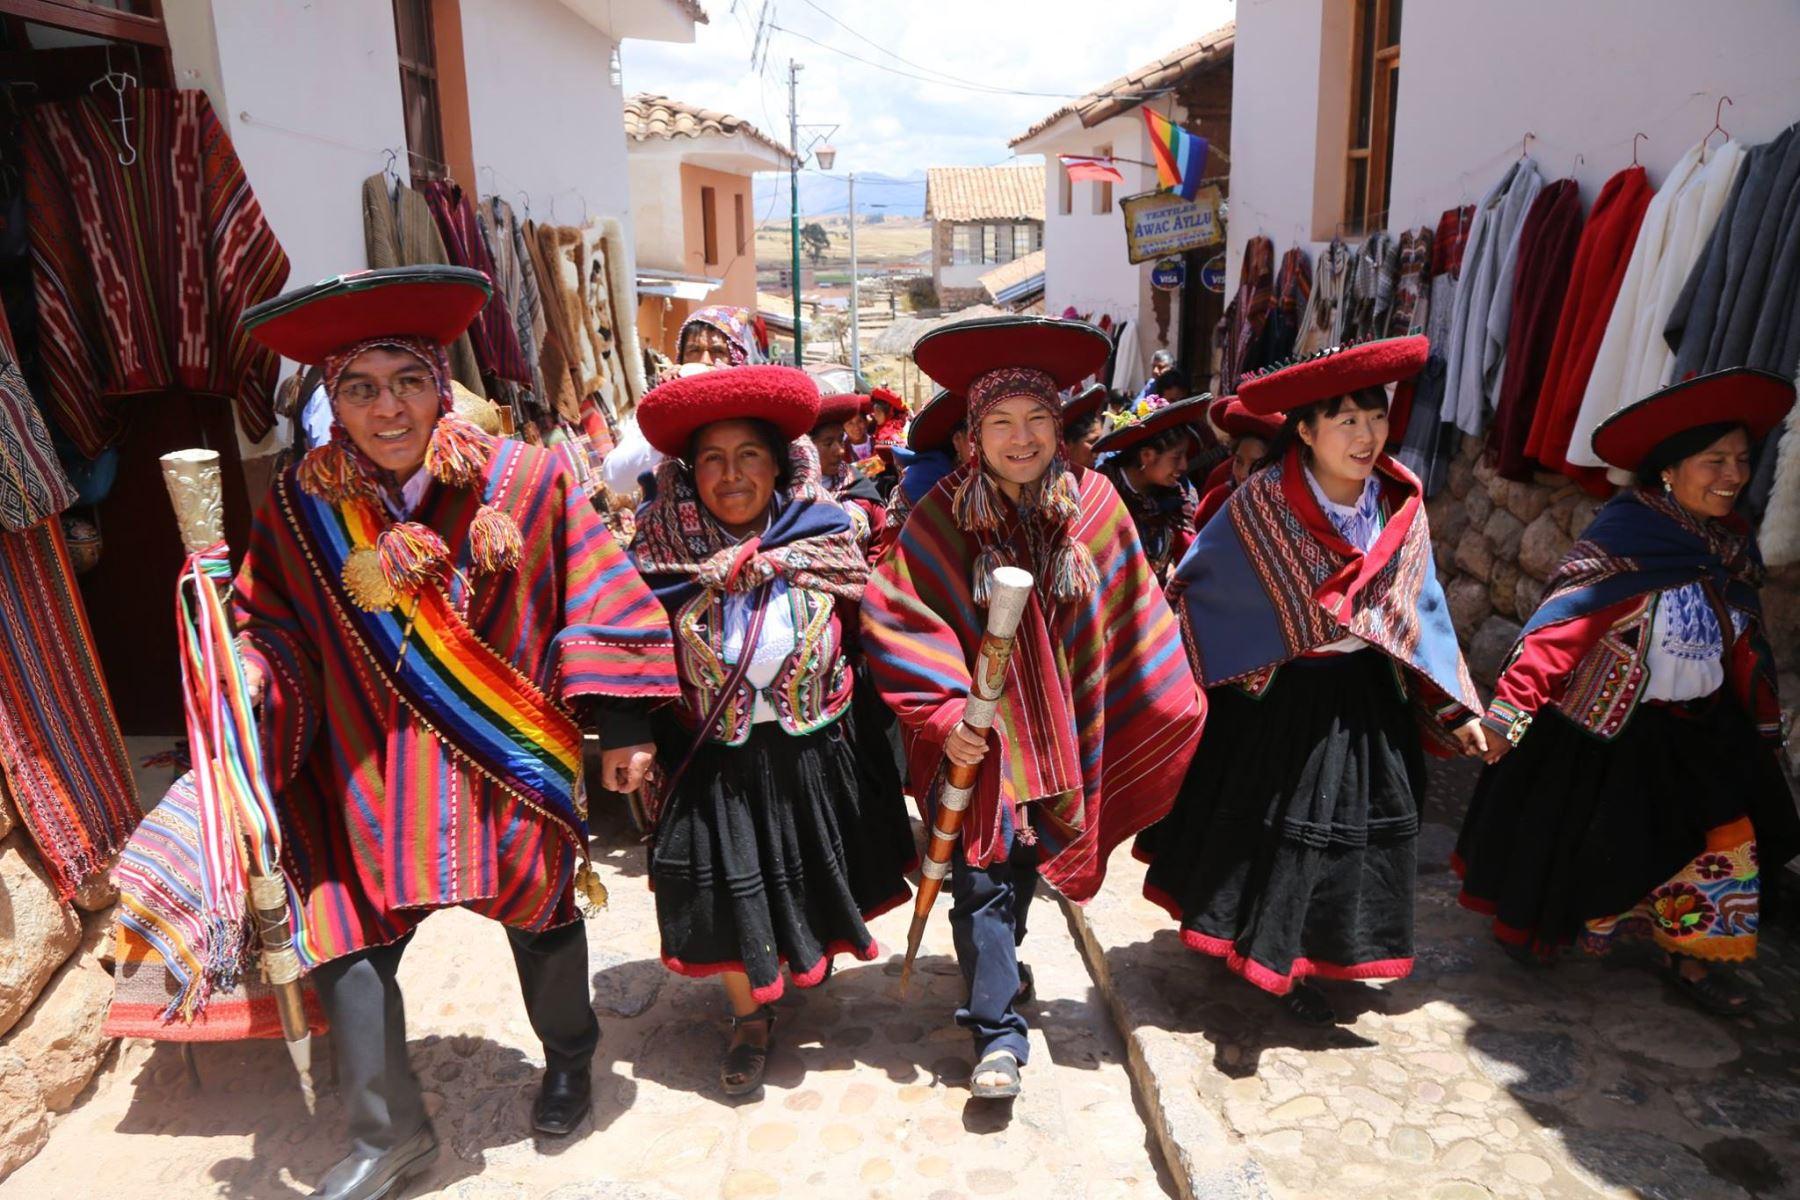 Con ceremonia andina pareja japonesa contrae matrimonio en Cusco. Foto: Municipalidad de Chinchero